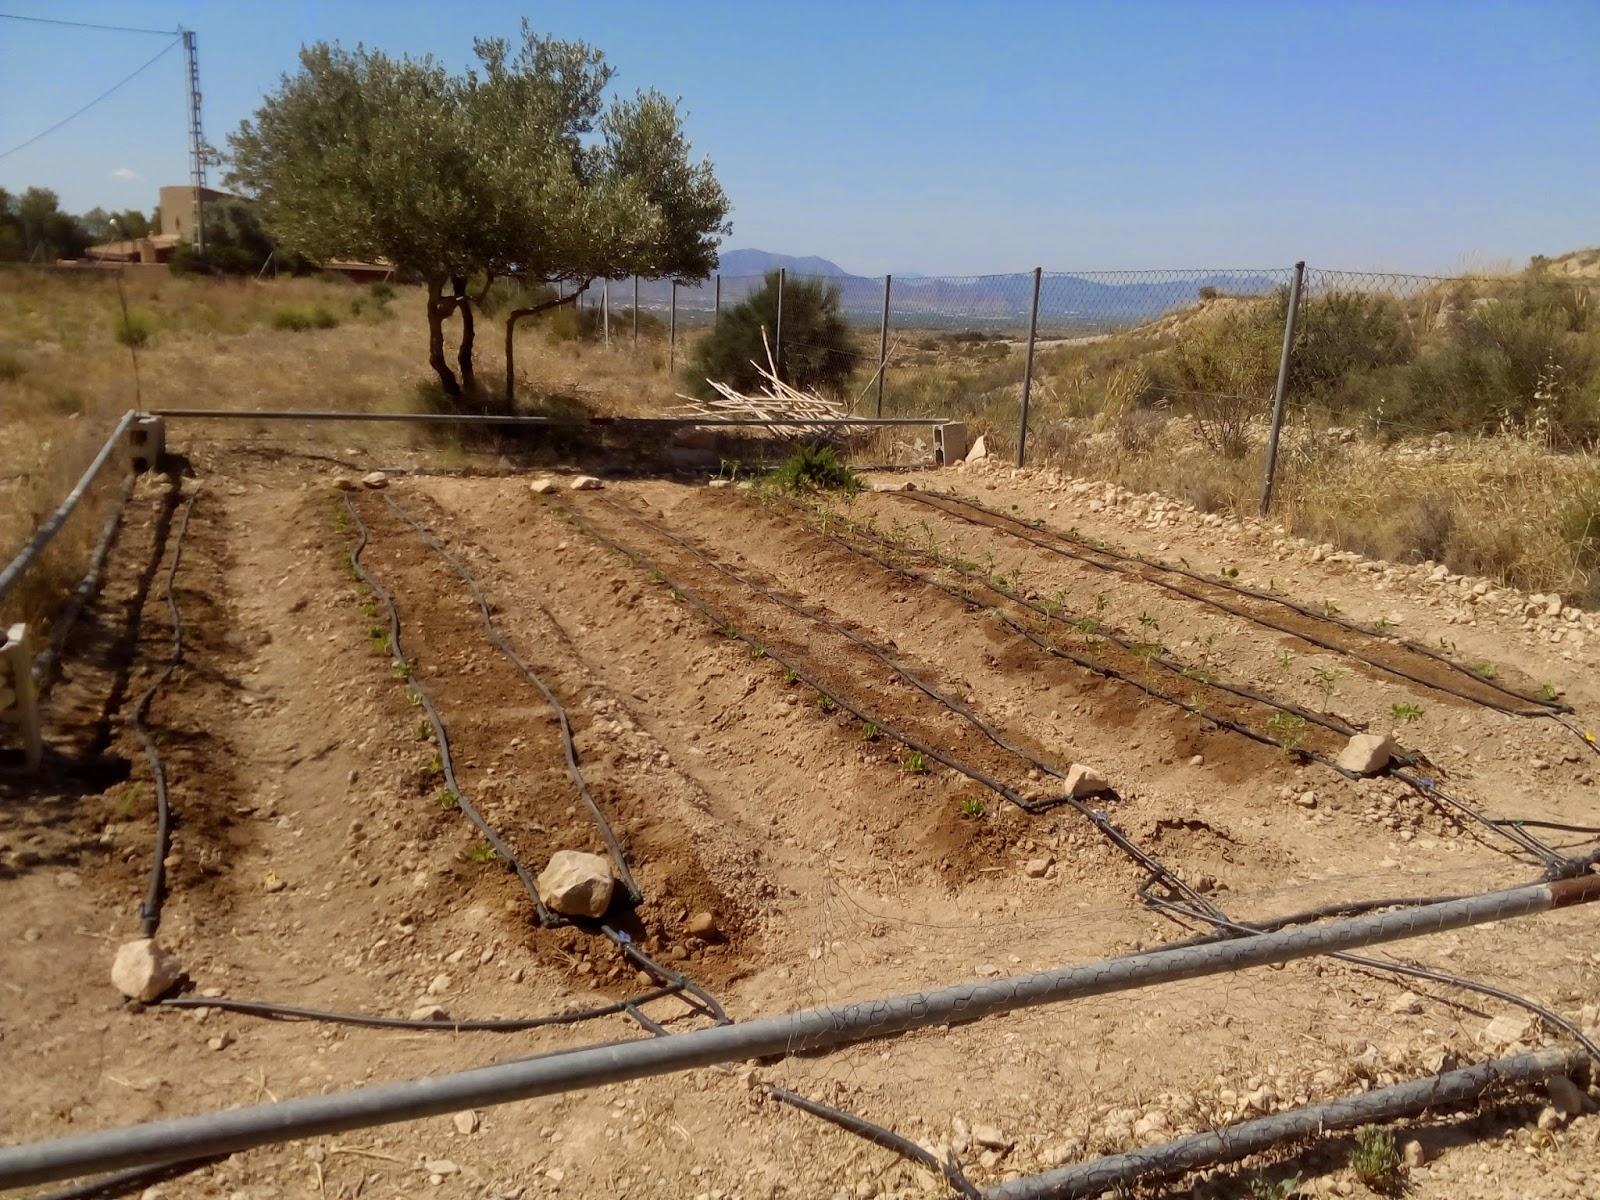 Mi huerto ecol gico todo vuelve a empezar temporada de Rotaciones de cultivos ecologicos